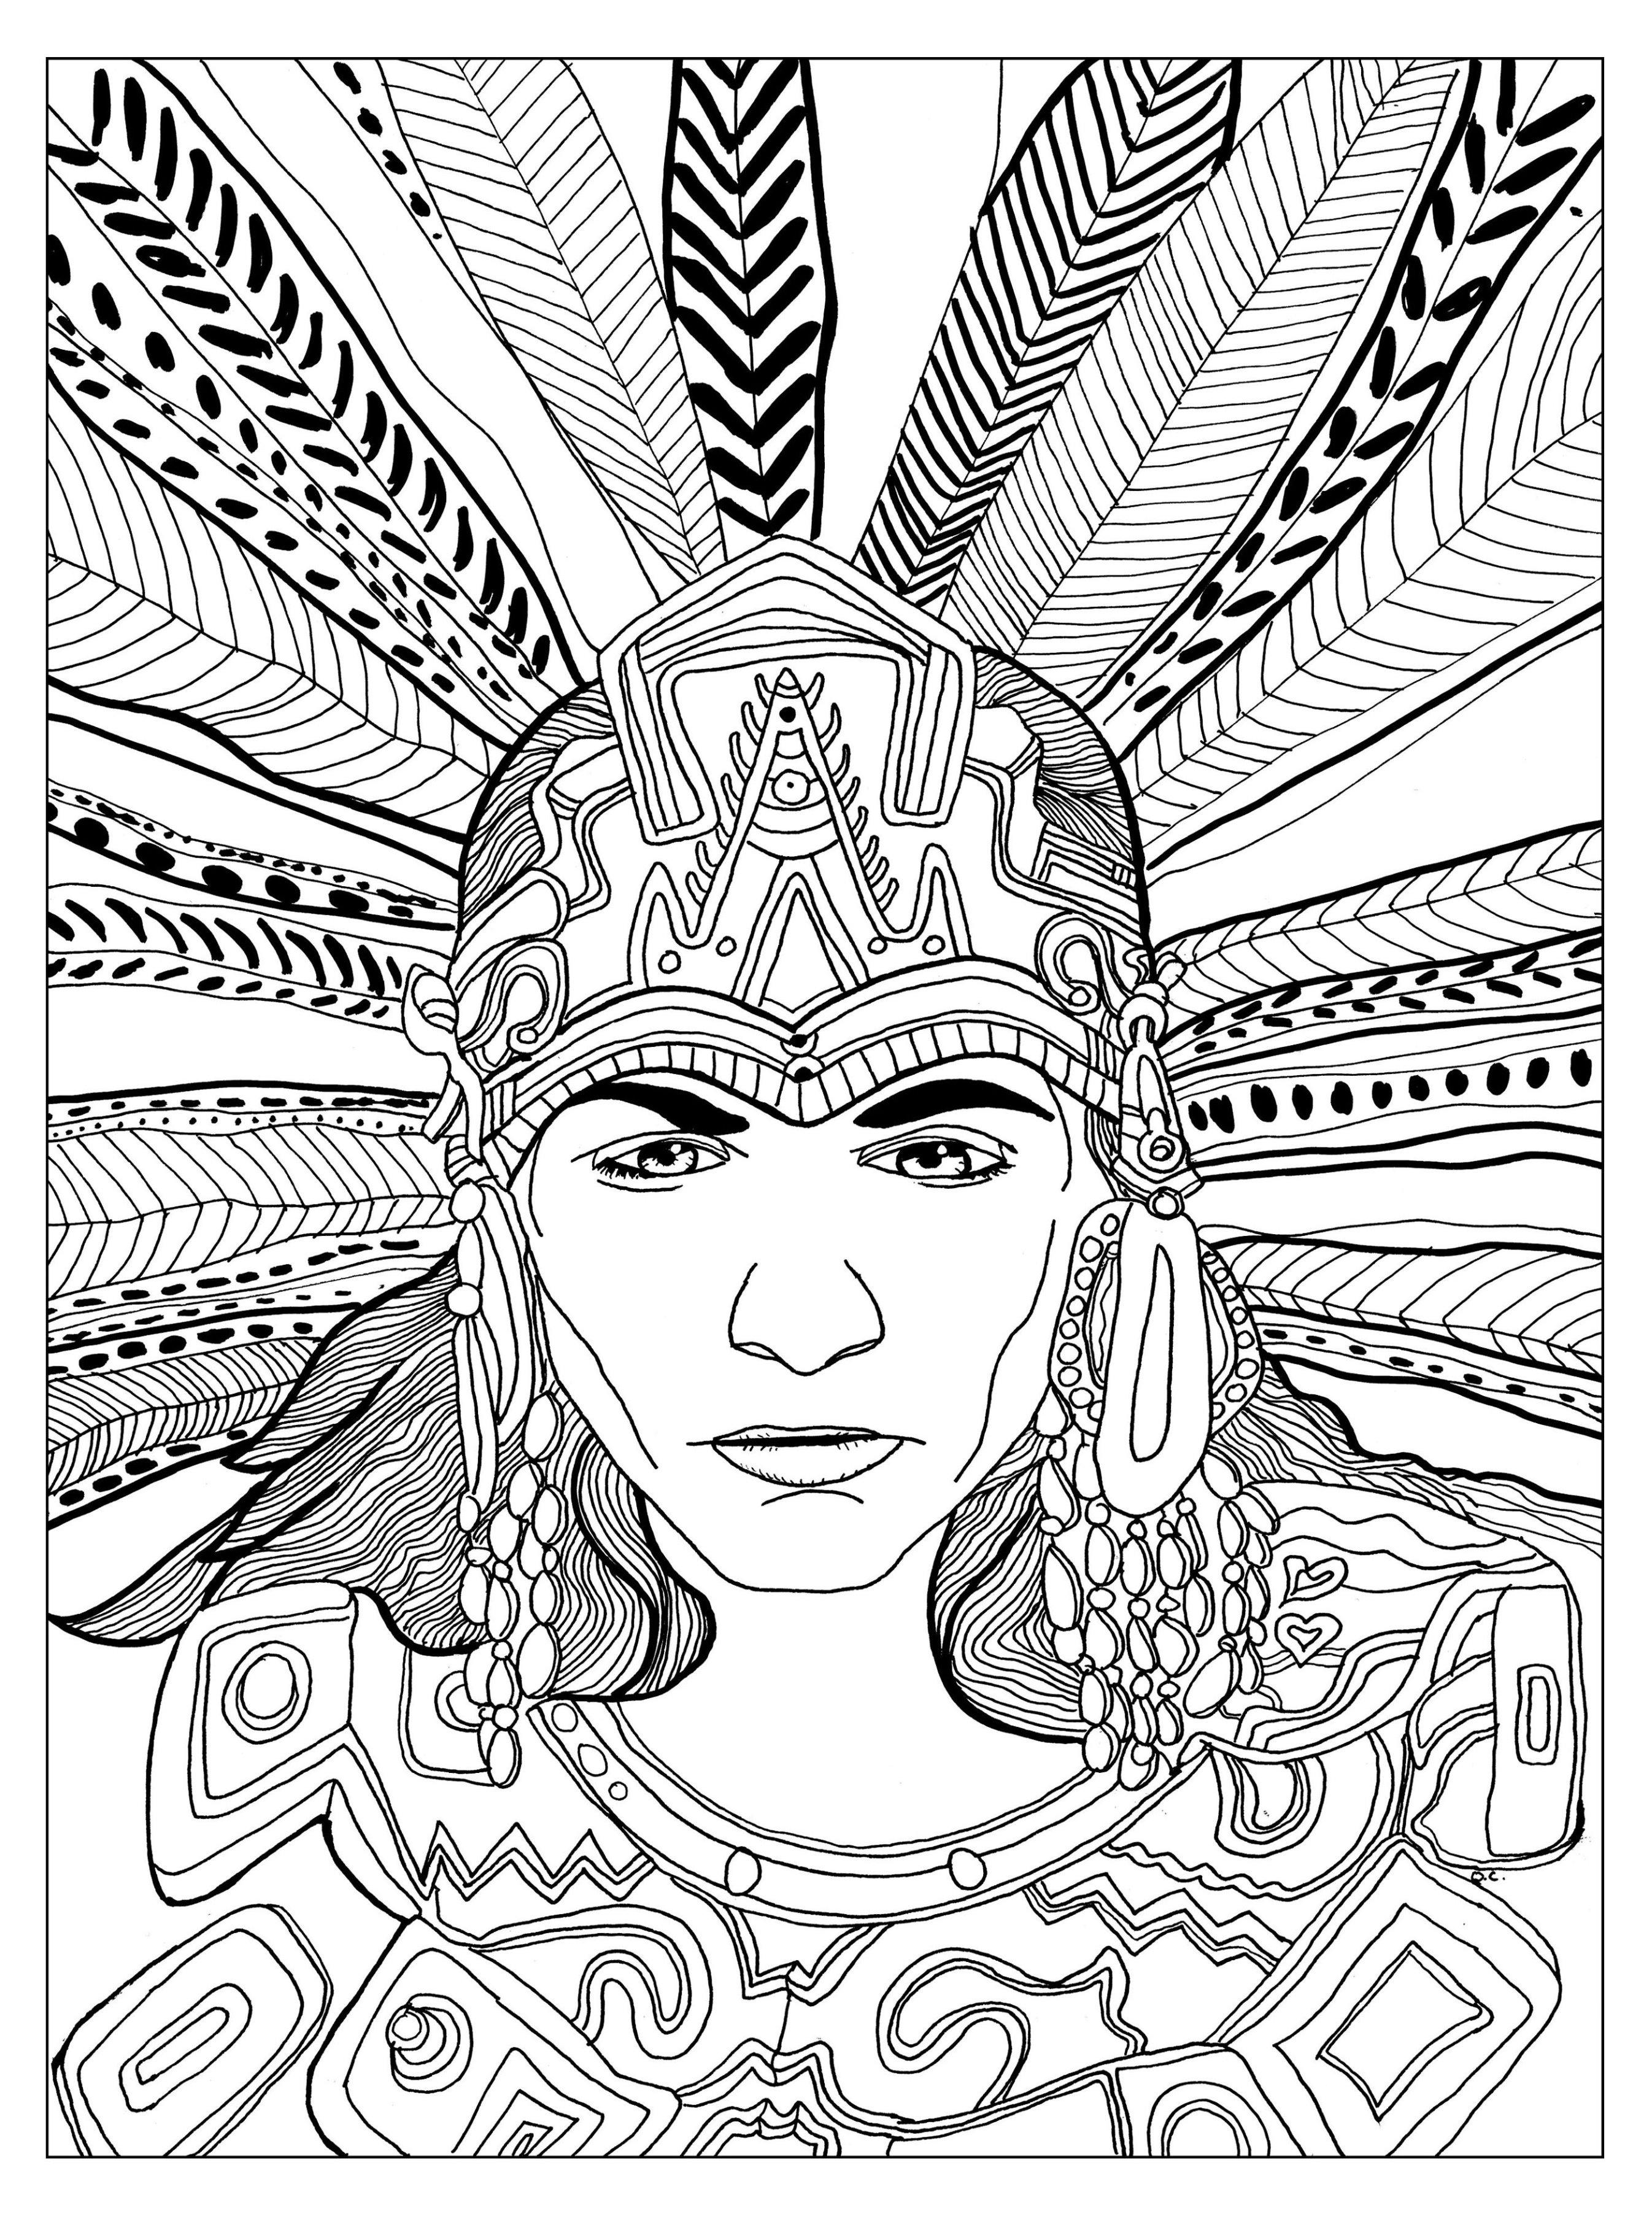 Disegni da colorare per adulti : Maya, Aztechi e Incas - 17